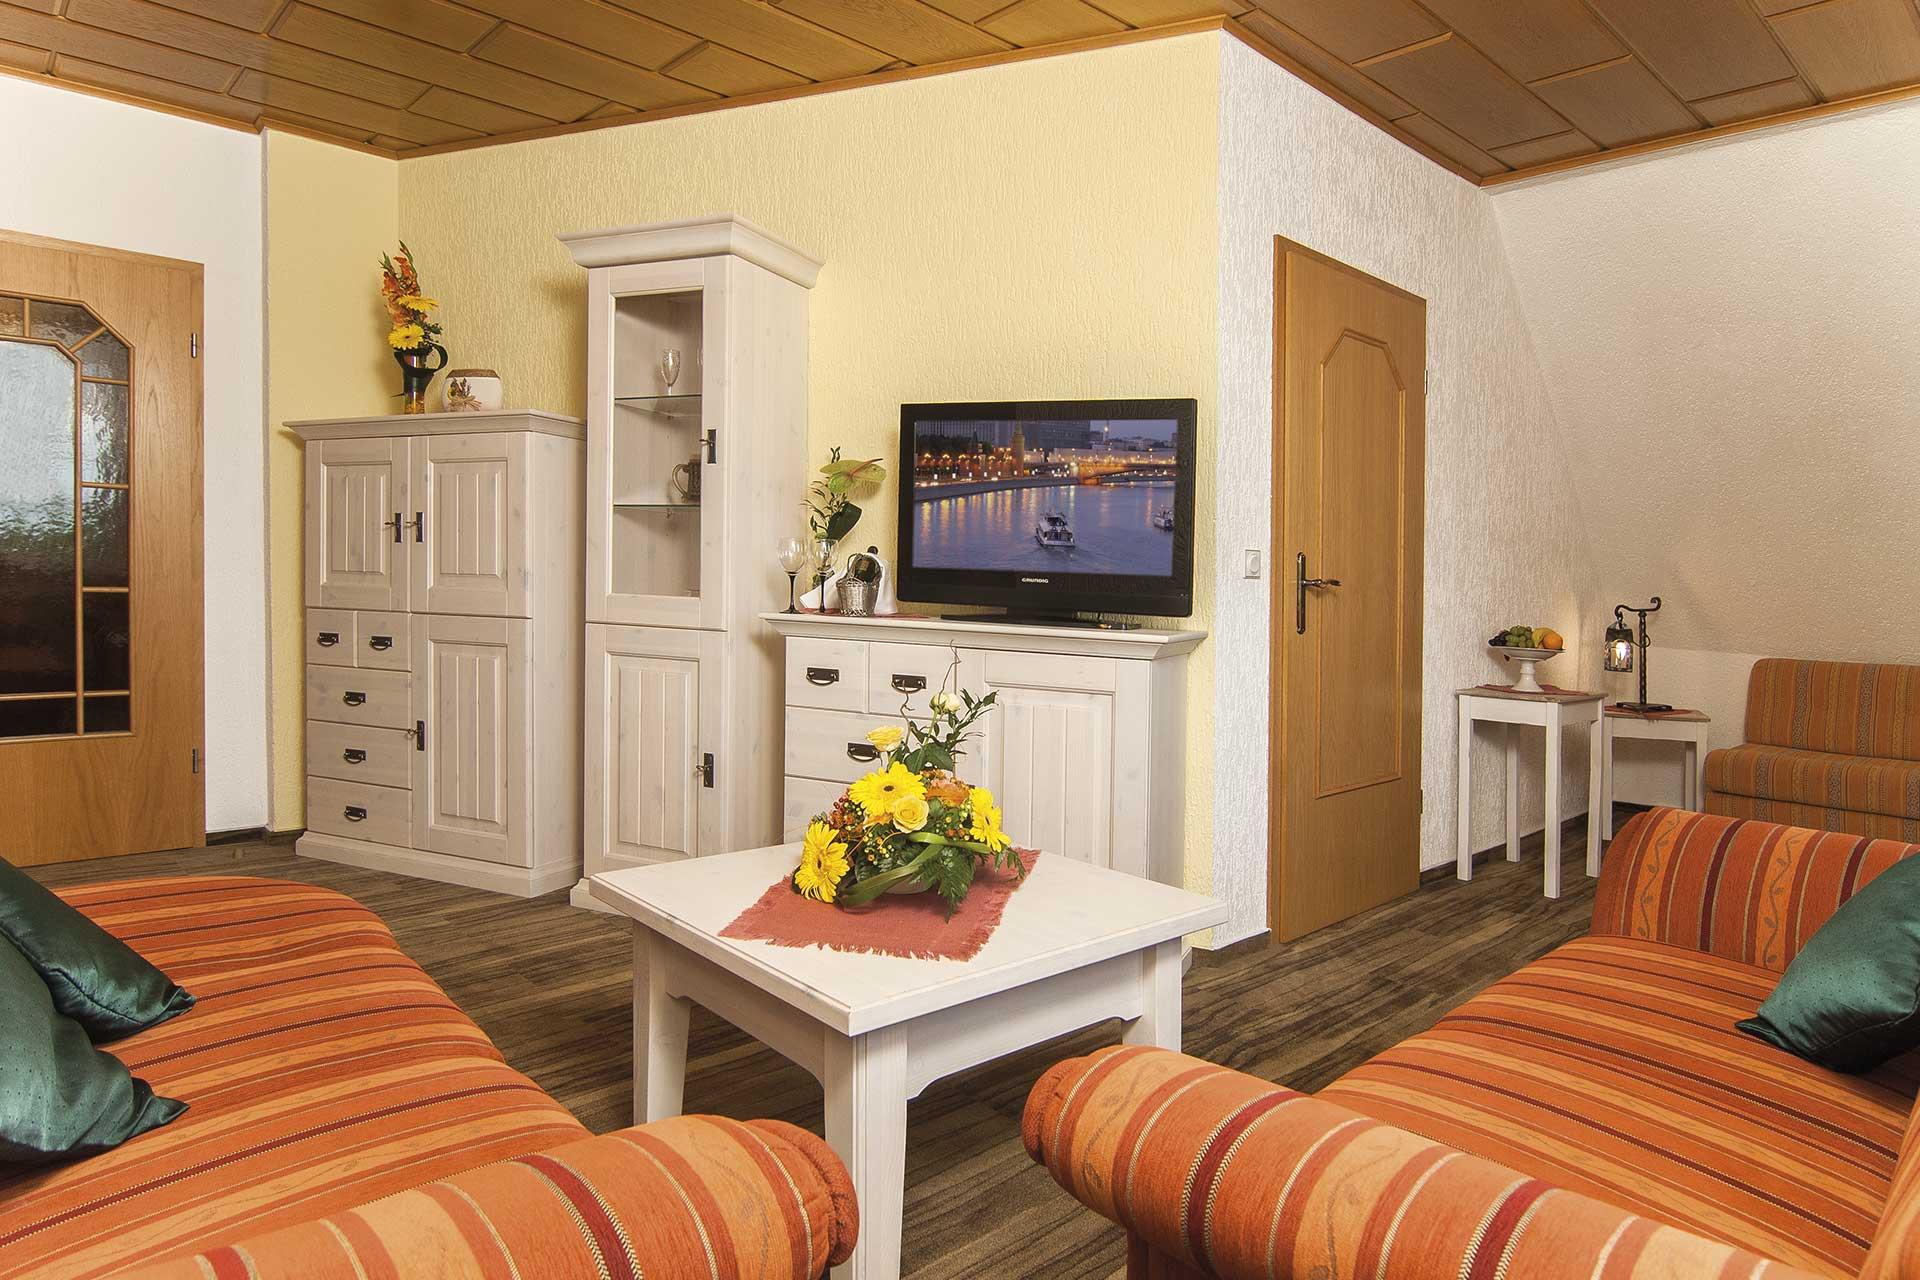 hotel-berghof-zimmer-wohnbereich